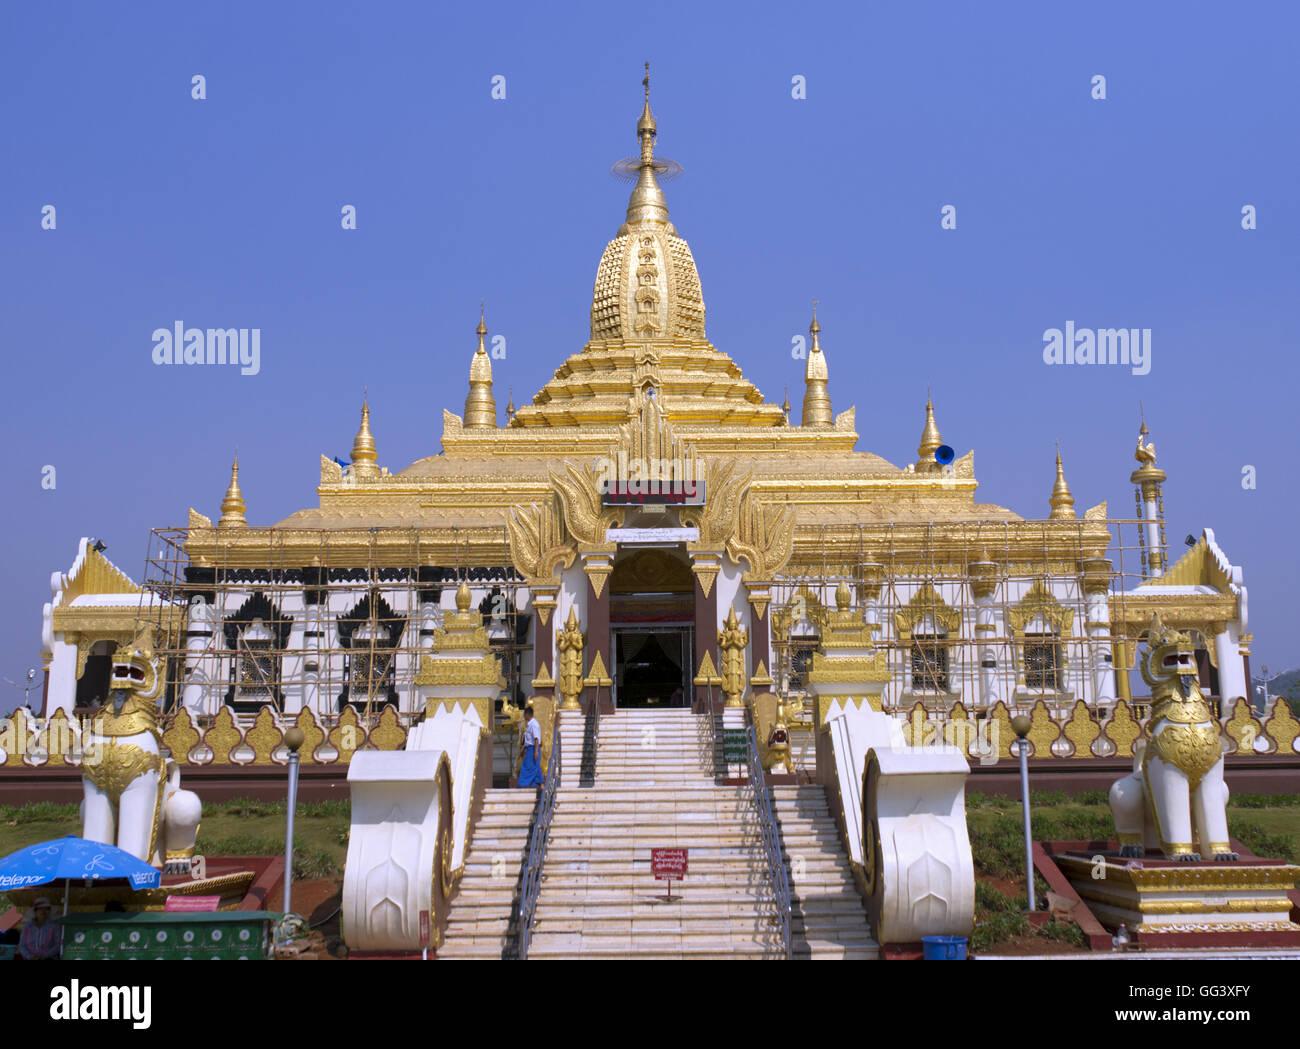 The Maha Ant Htoo Kan Thar Pagoda - Stock Image